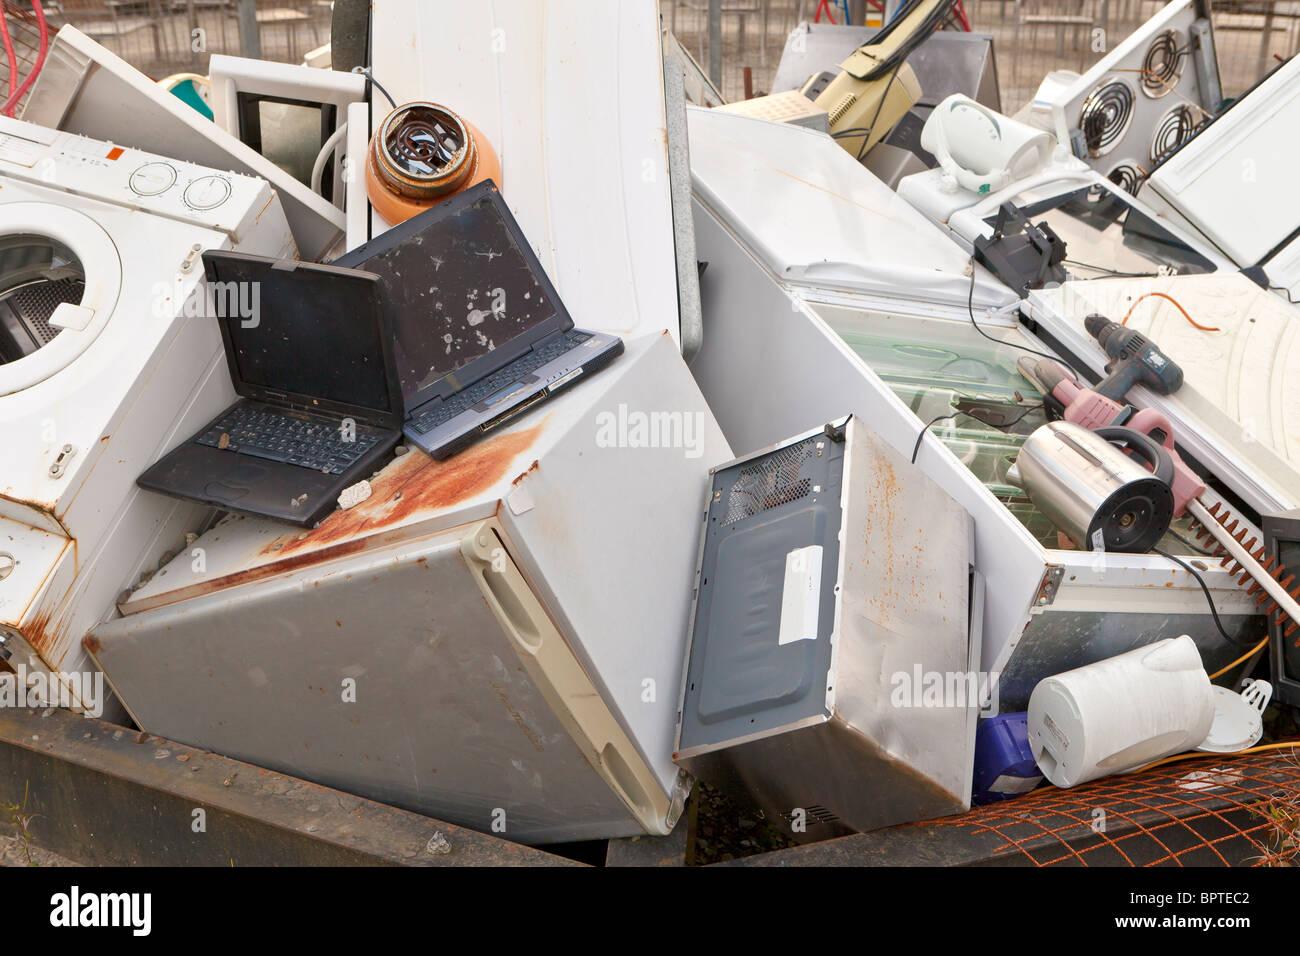 Aparatos domésticos para su reciclaje Imagen De Stock